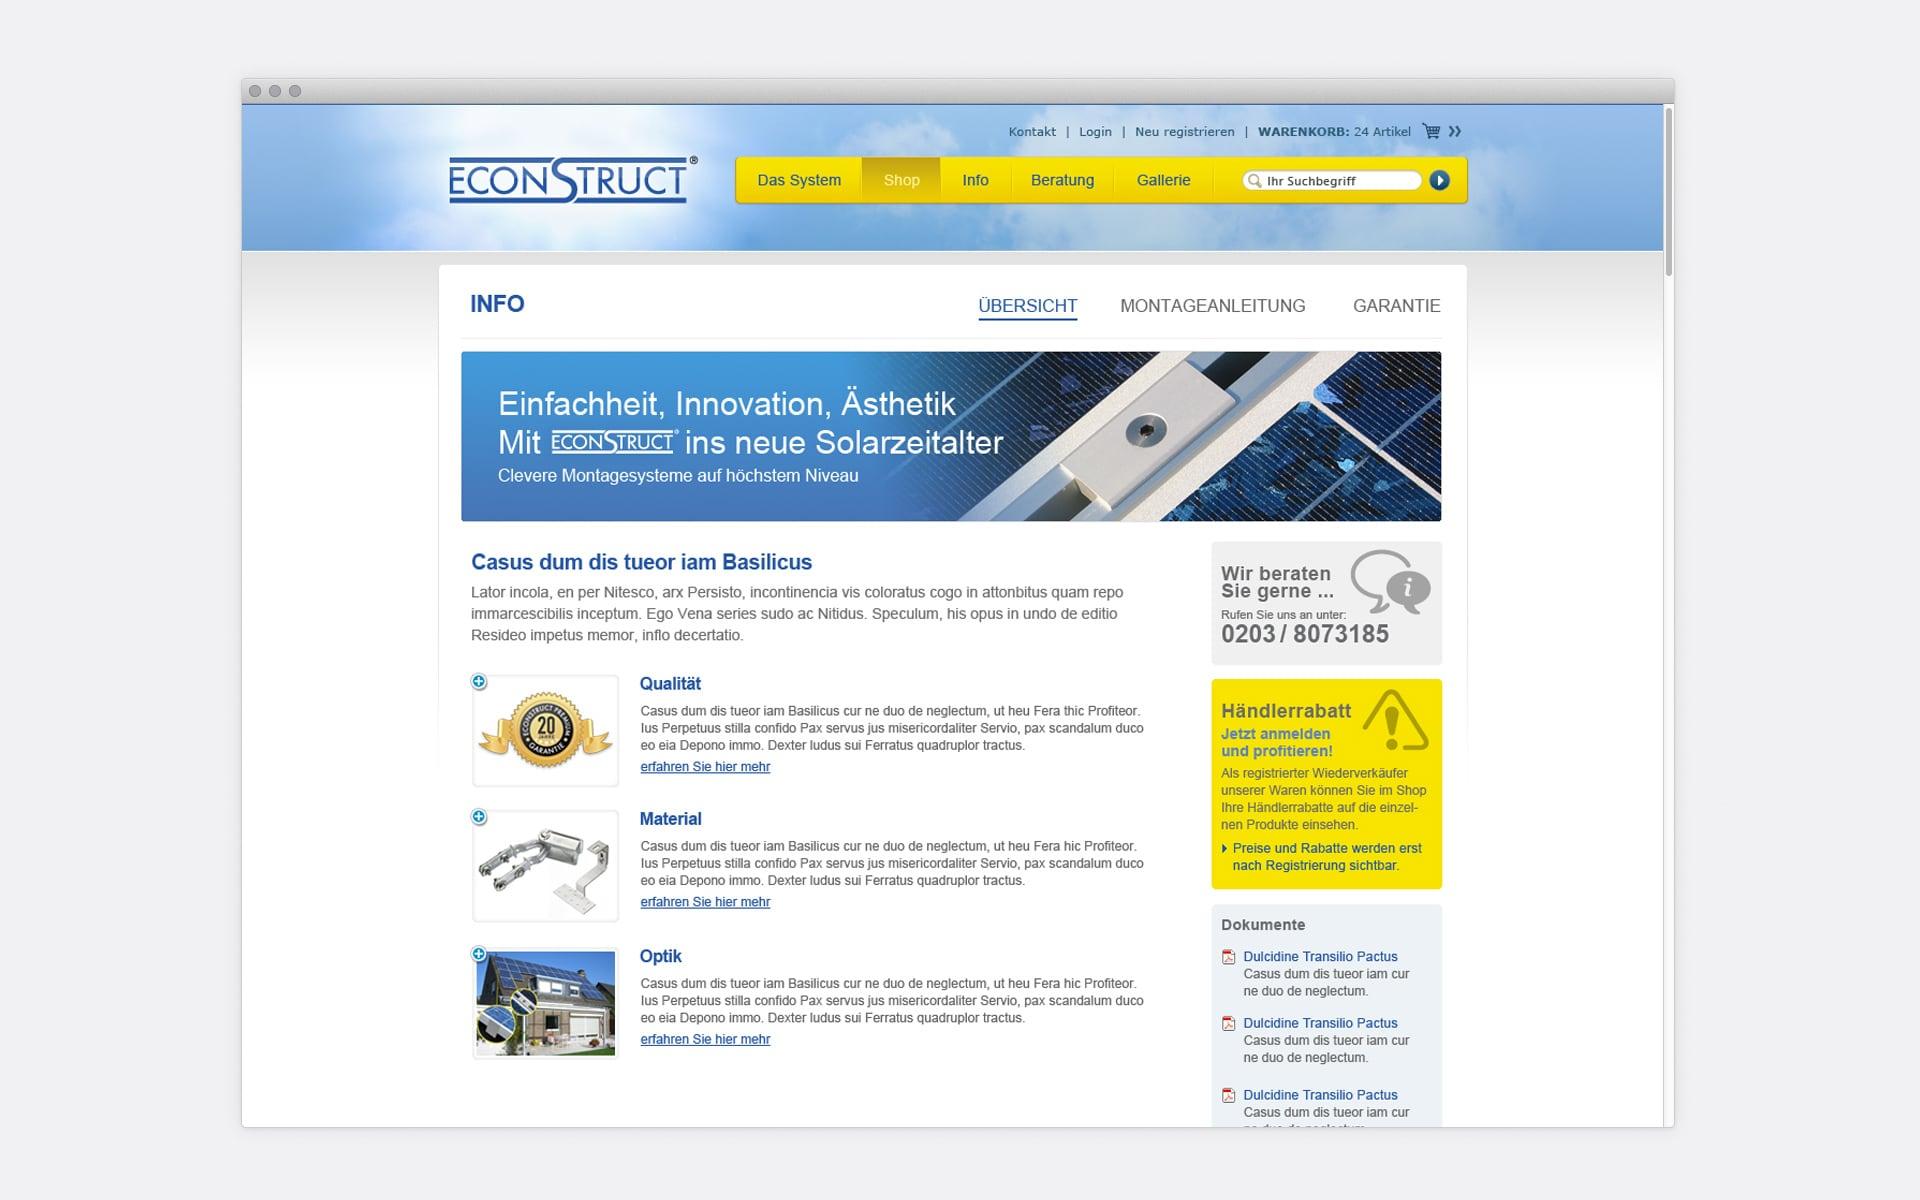 Contentseite mit Bespielinhalten econstruct